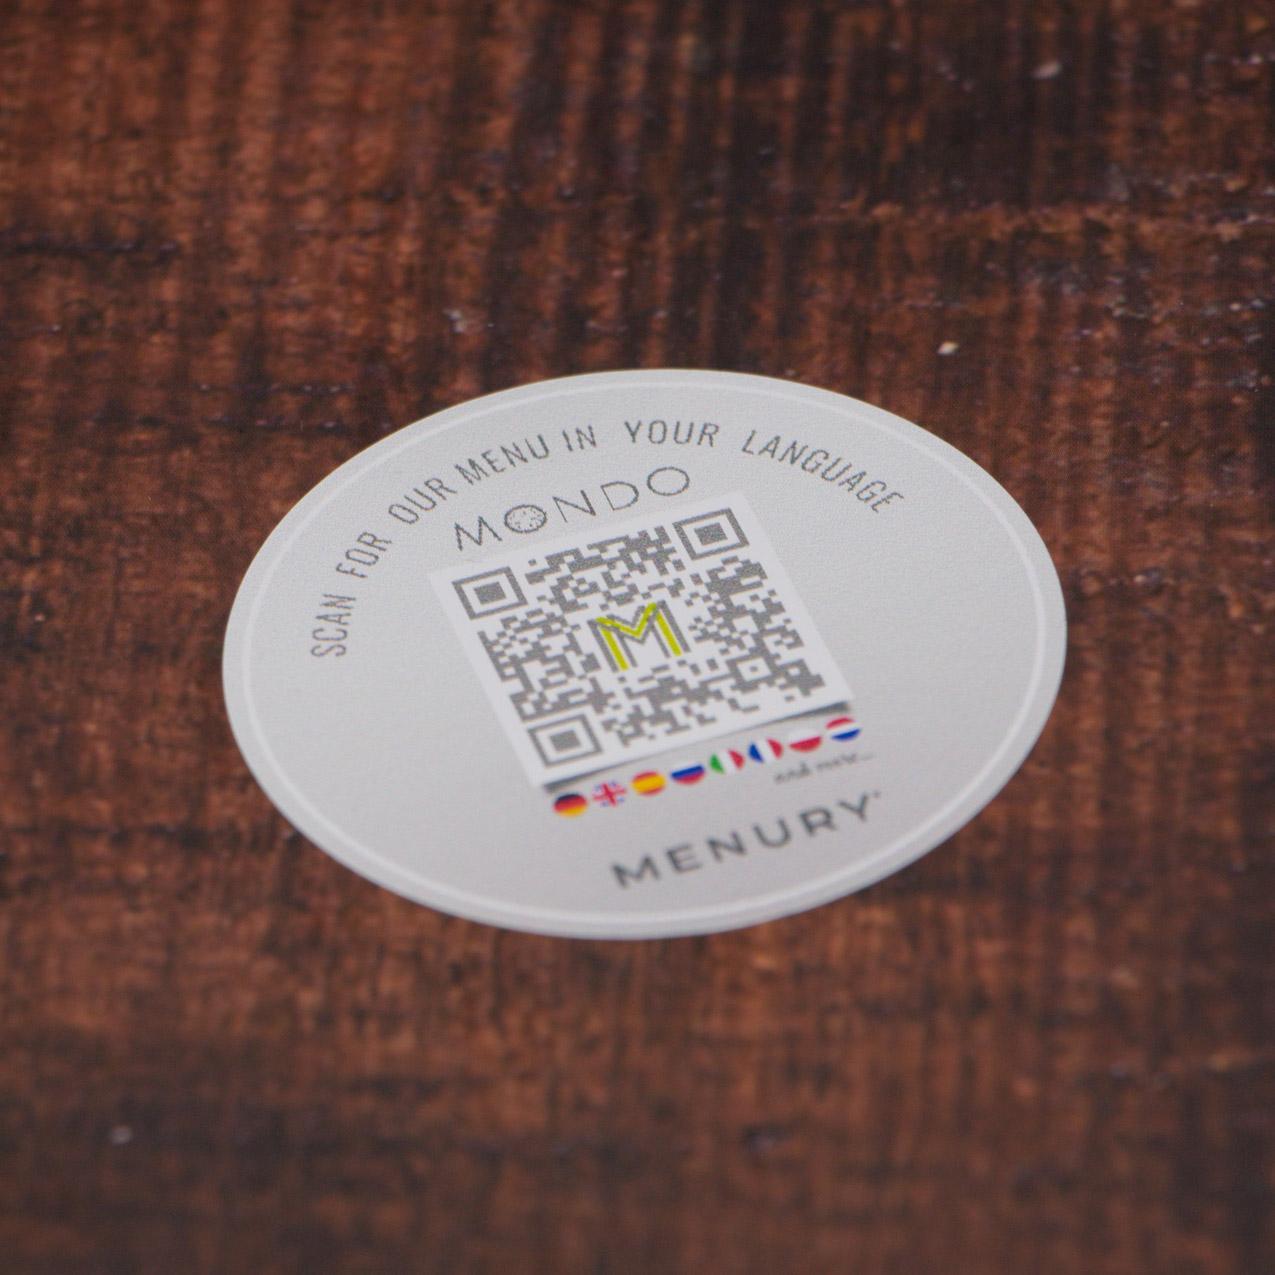 digitale kontaktlose speisekarte